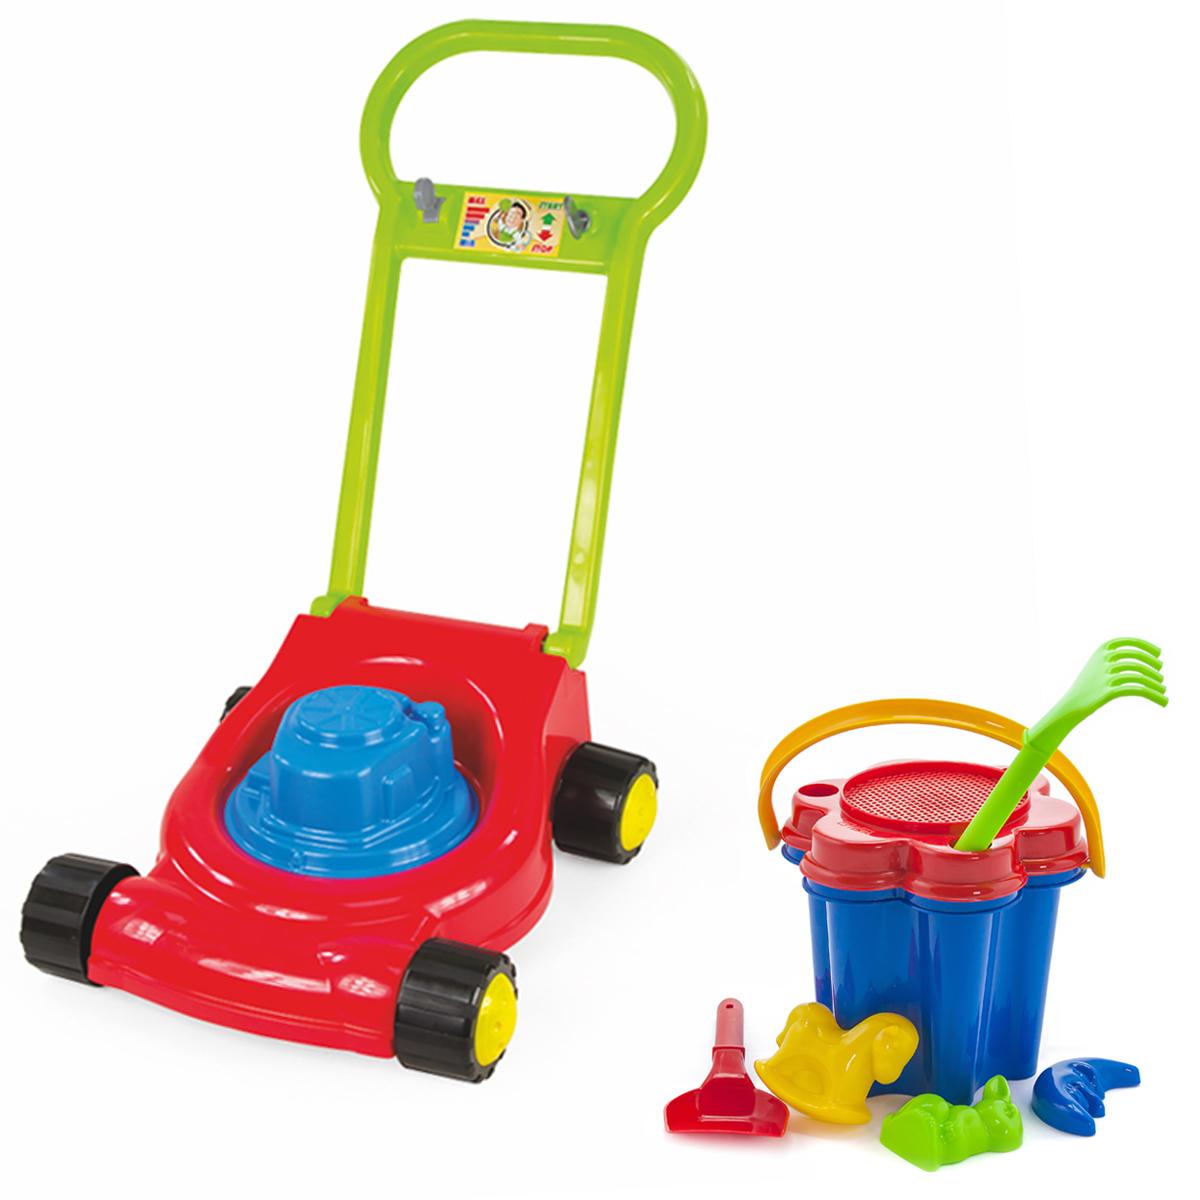 Купить Игровой набор: Детская газонокосилка (15-10631)+ Песочный набор Цветок (40-0100), ZEBRATOYS, Играем в садовода